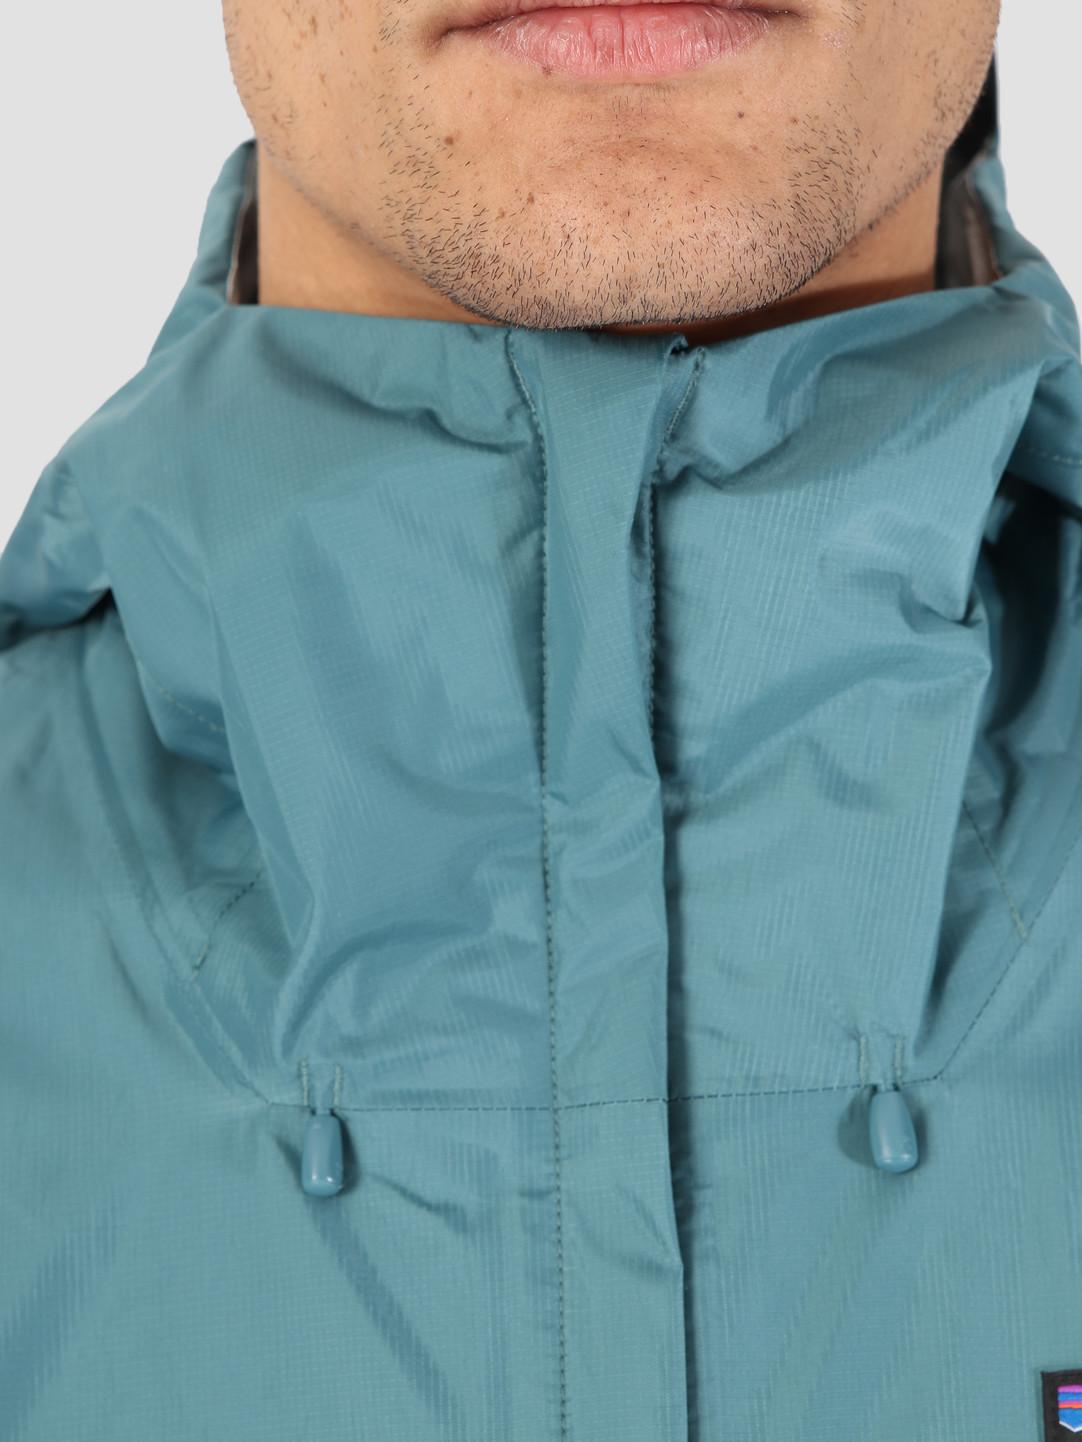 Patagonia Patagonia Torrentshell Jacket Tasmanian Teal 83802